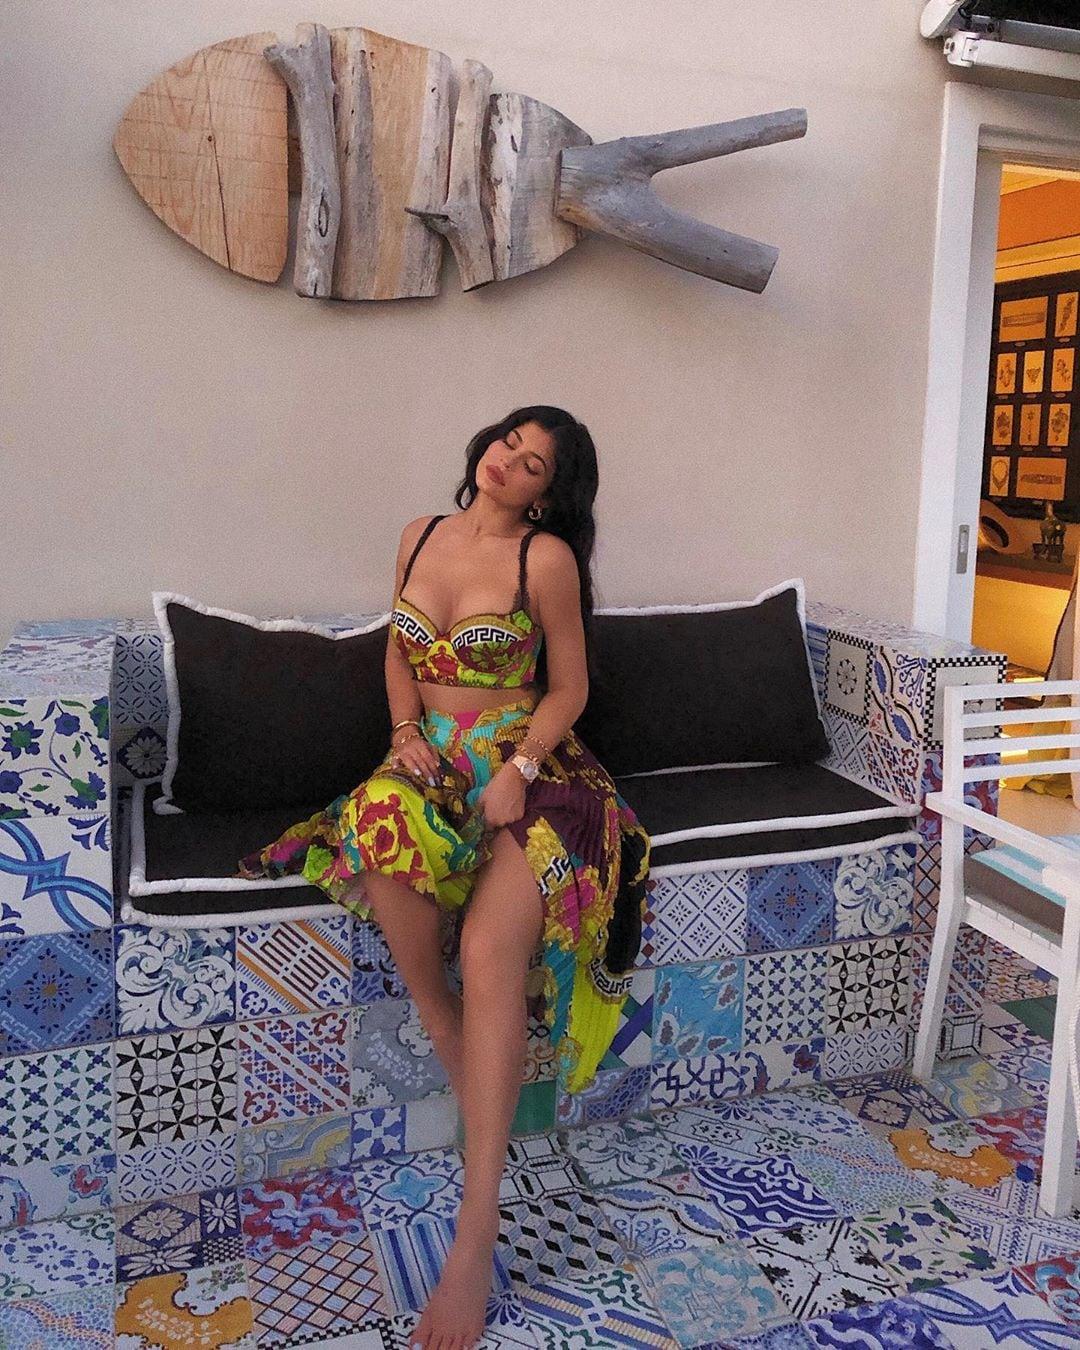 కైలీ జెన్నర్ (Image - kyliejenner / Instagram)